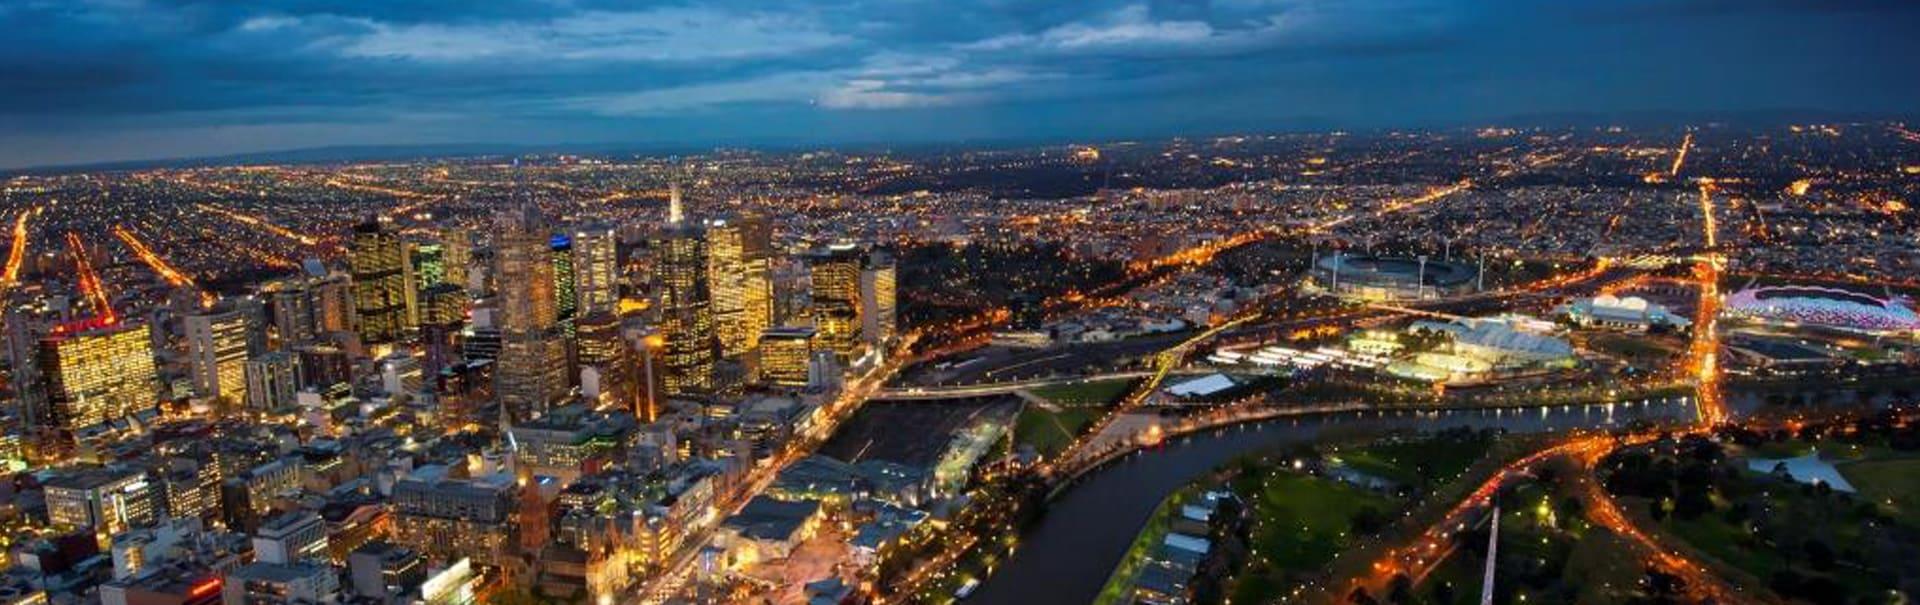 Melbourne & Surrounds (SHAU24) Banner